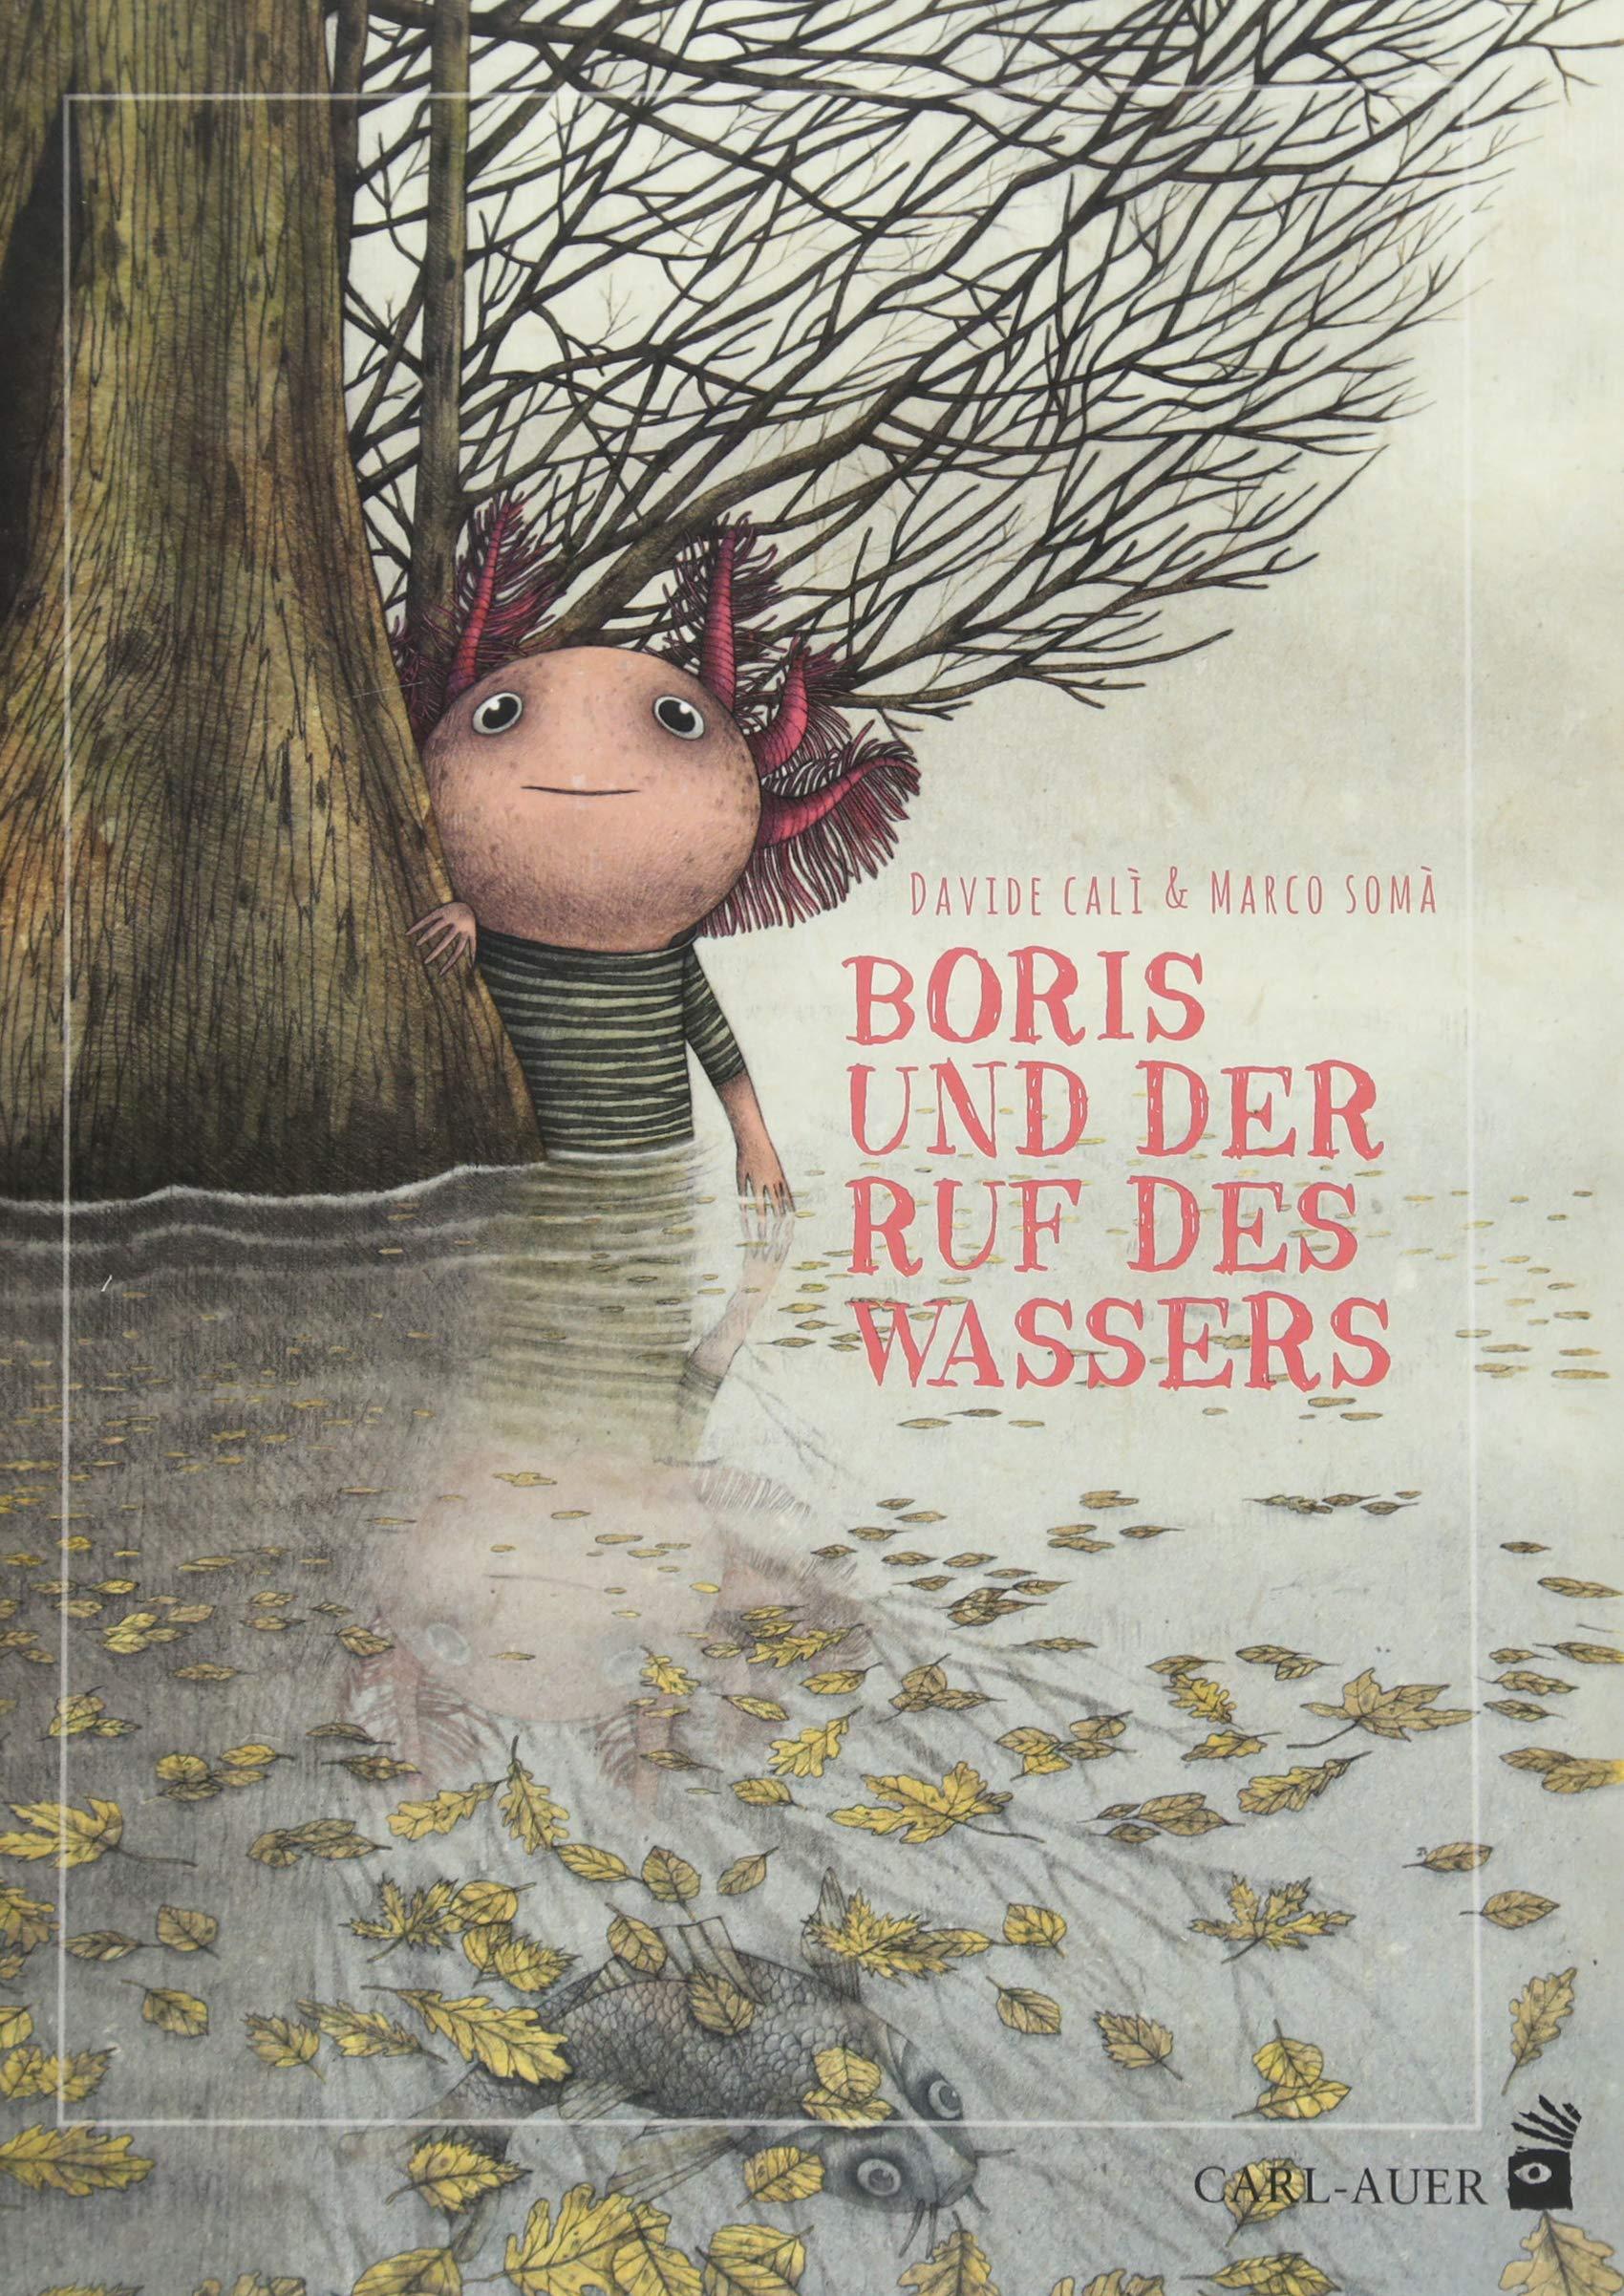 Boris und der Ruf des Wassers (Carl-Auer Kids)